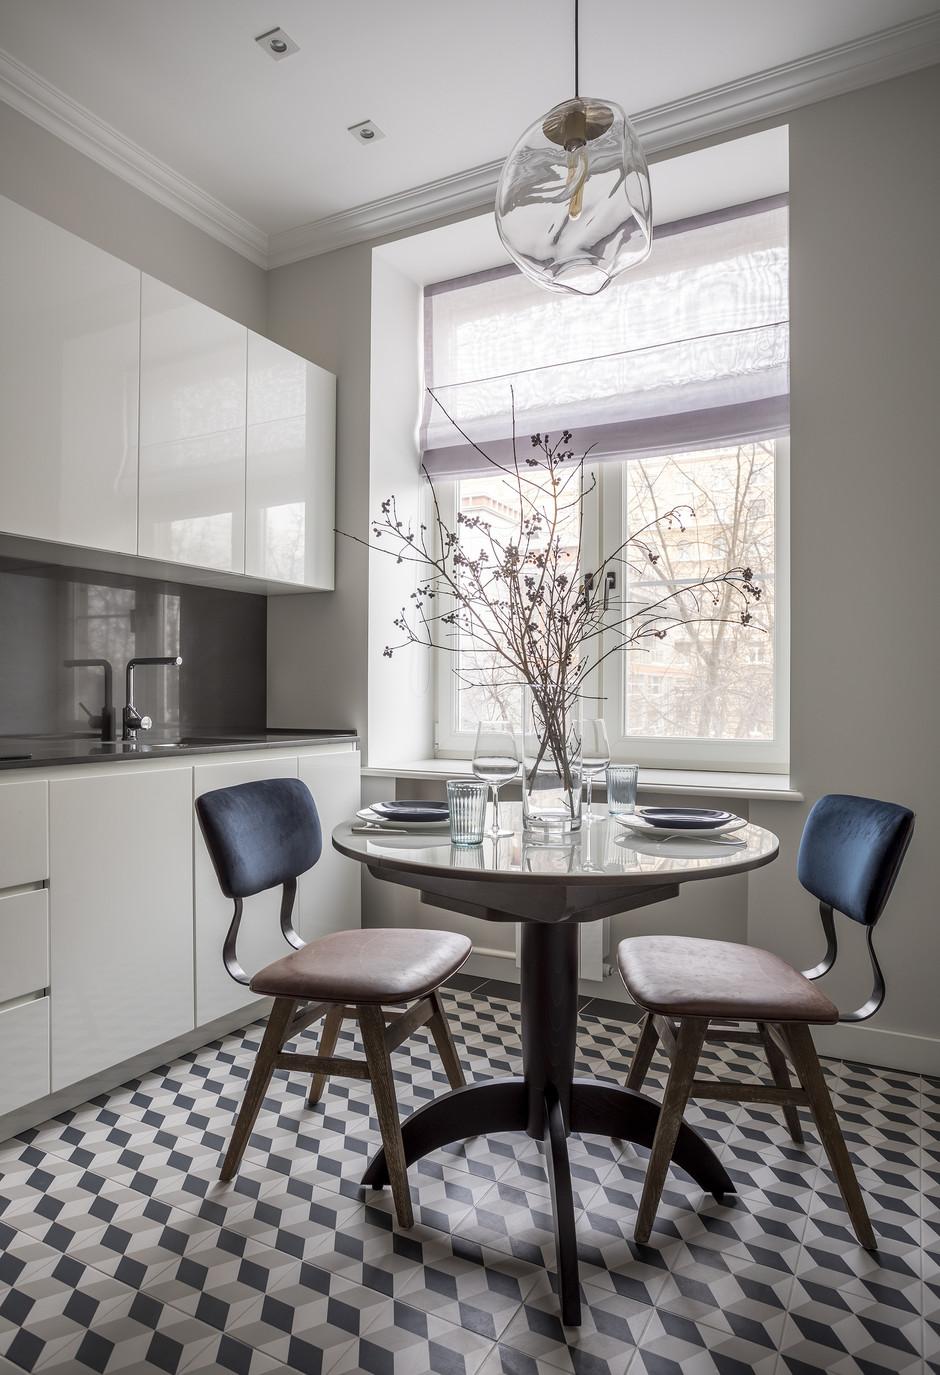 35 проектов кухонь в маленьких квартирах (галерея 0, фото 12)